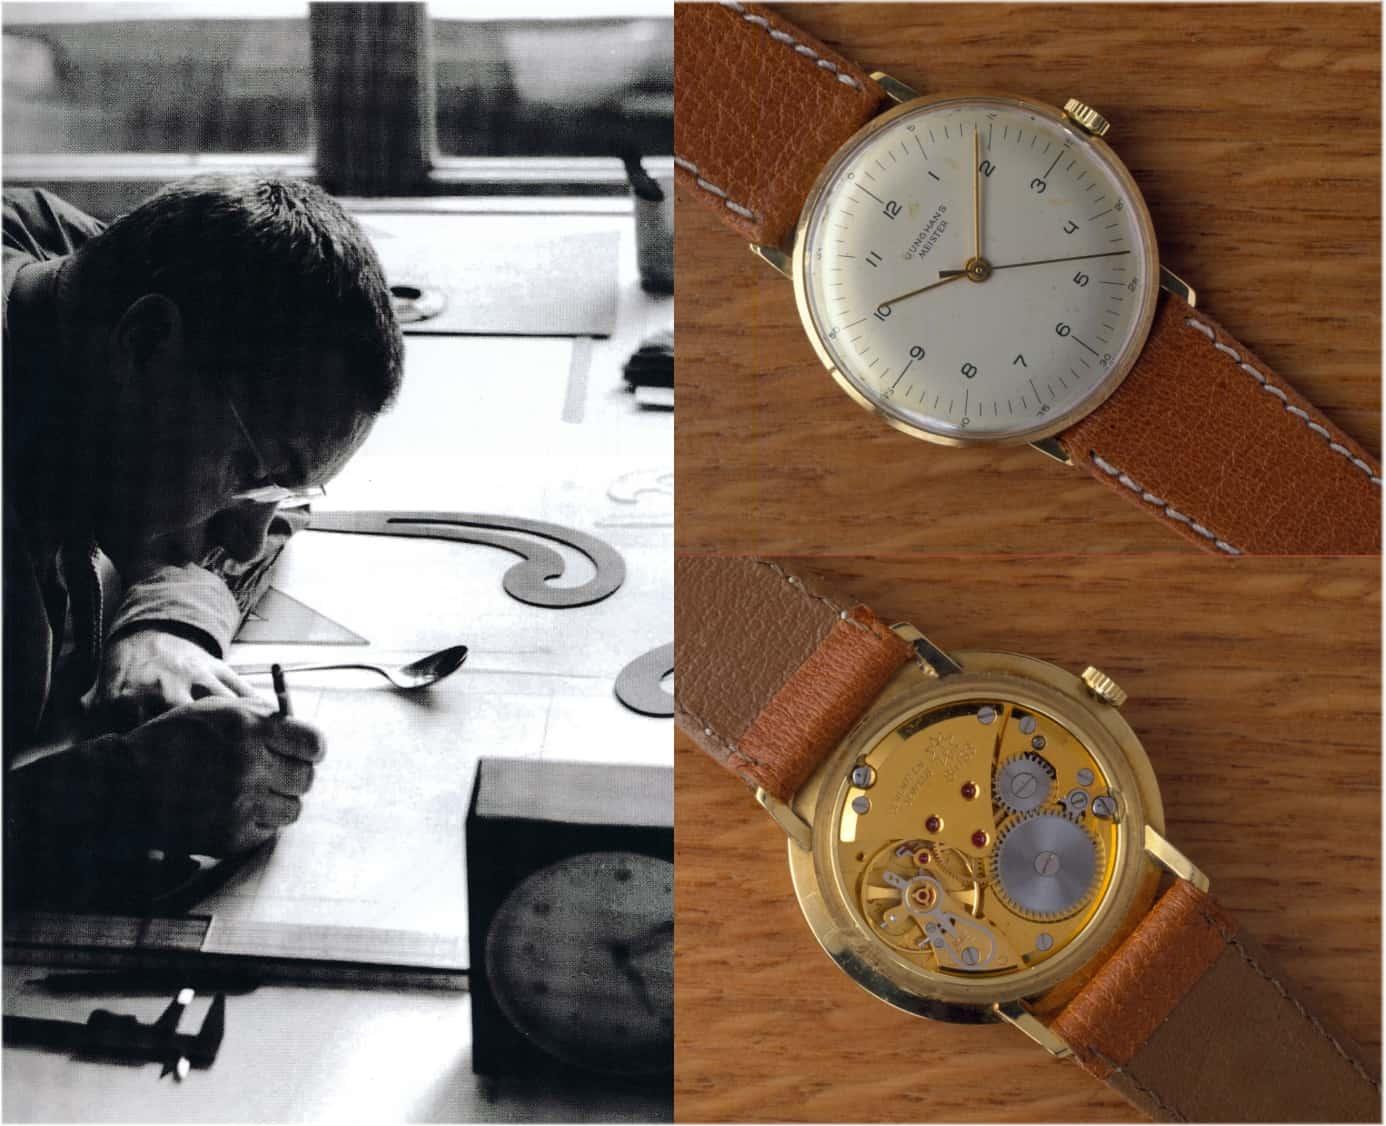 Junghans Meister mit Handaufzug und einem Zifferblatt von Max Bill aus dem Jahr 1963